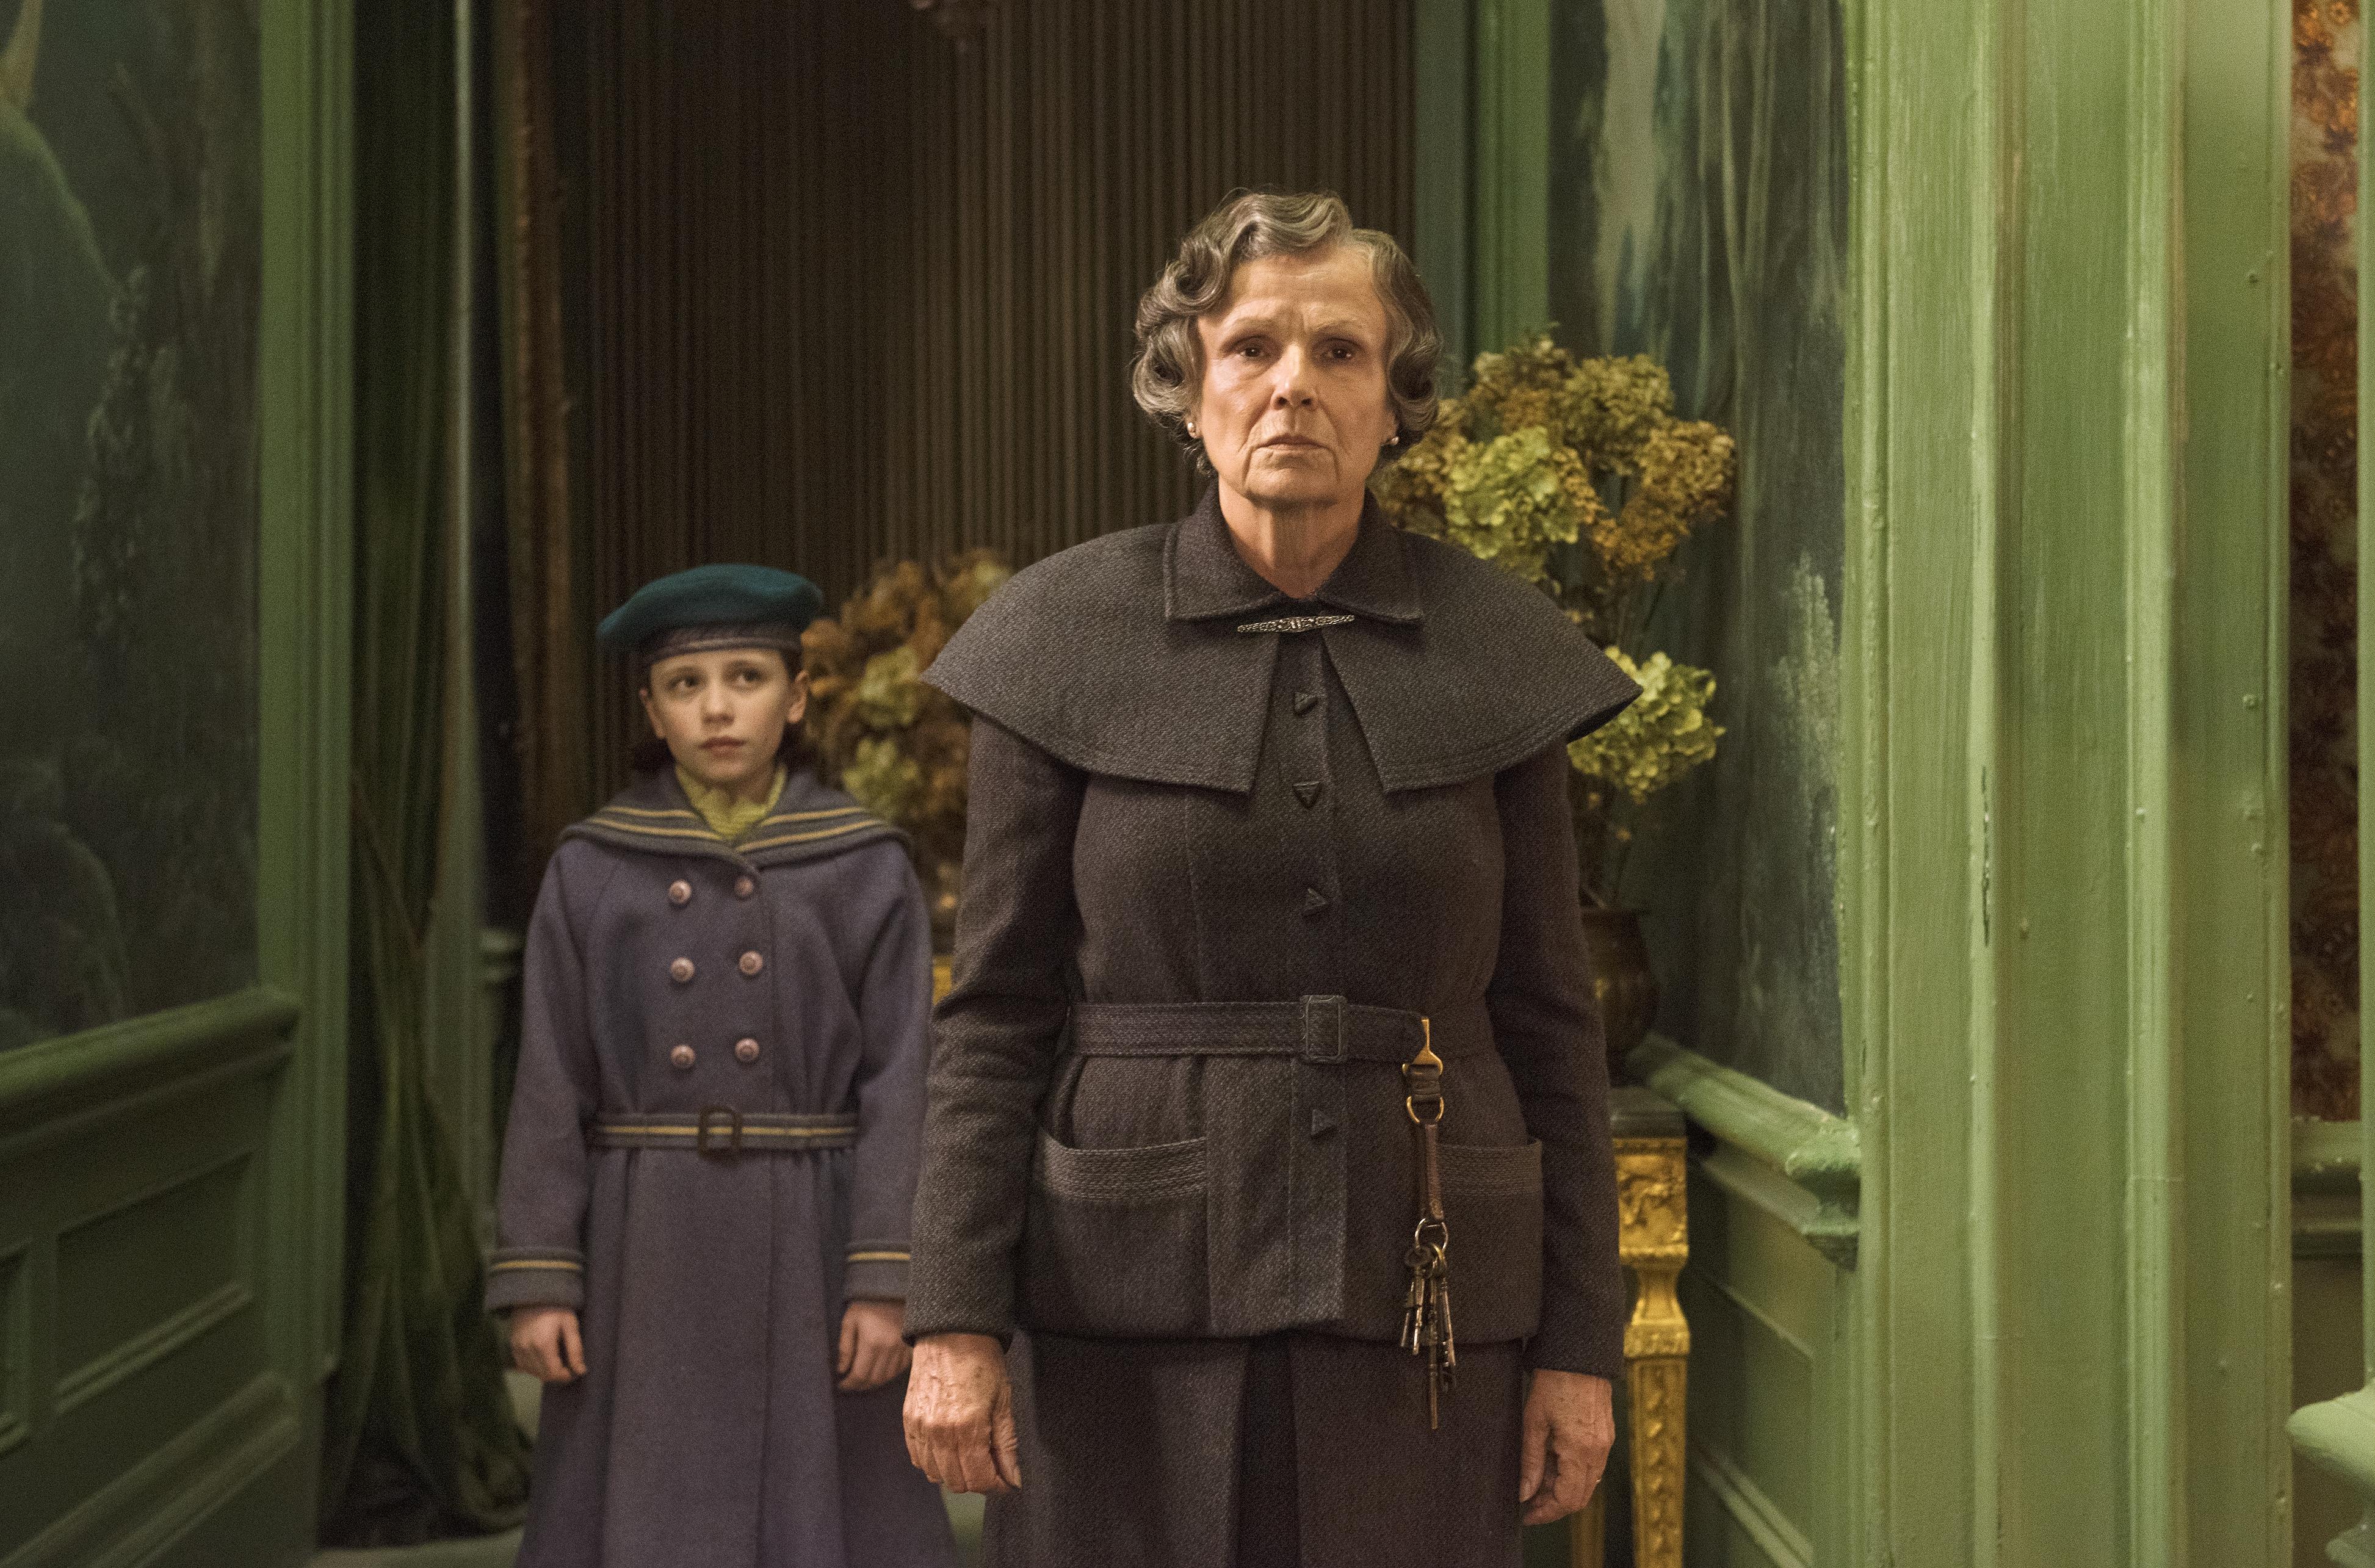 Im Vordergrund steht die ebenso streng frisierte wie streng wirkende Haushälterin Mrs. Medlock (gespielt von Julie Walters), im Hintergrund steht das Waisenmädchen Mary (Dixie Egerickx) und blickt erwartungsvoll und leicht eingeschüchtert auf Mrs. Medlock.